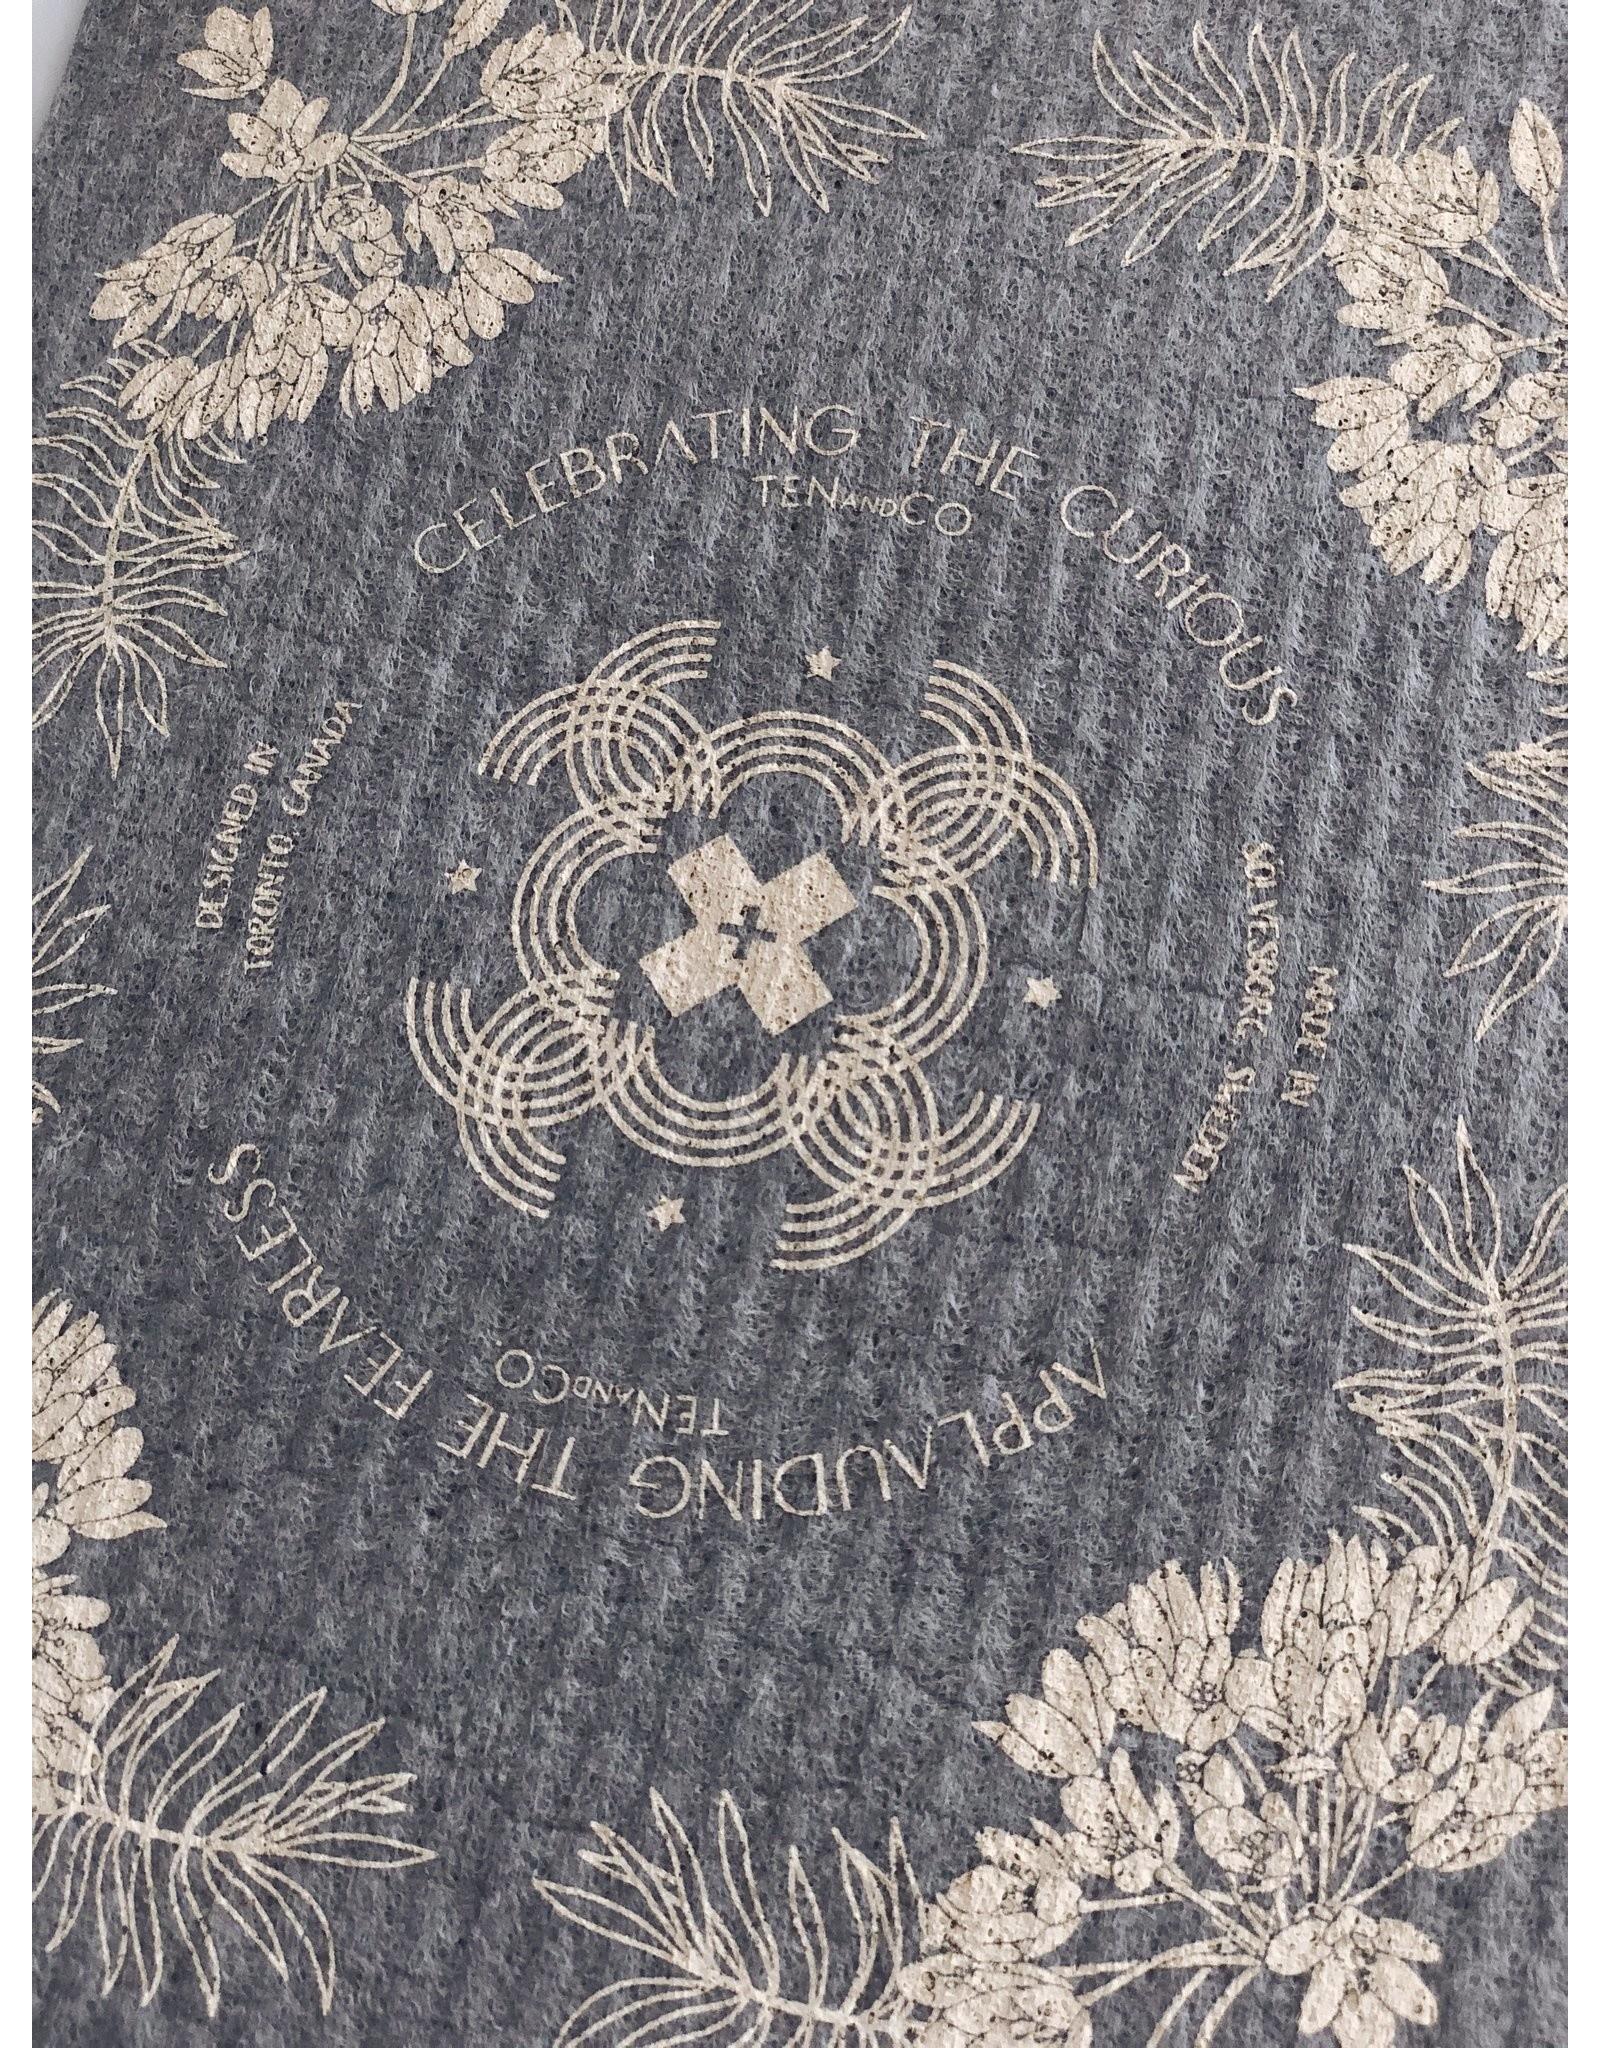 Ten & Co Vintage Floral Cream on Warm Grey Sponge Cloth